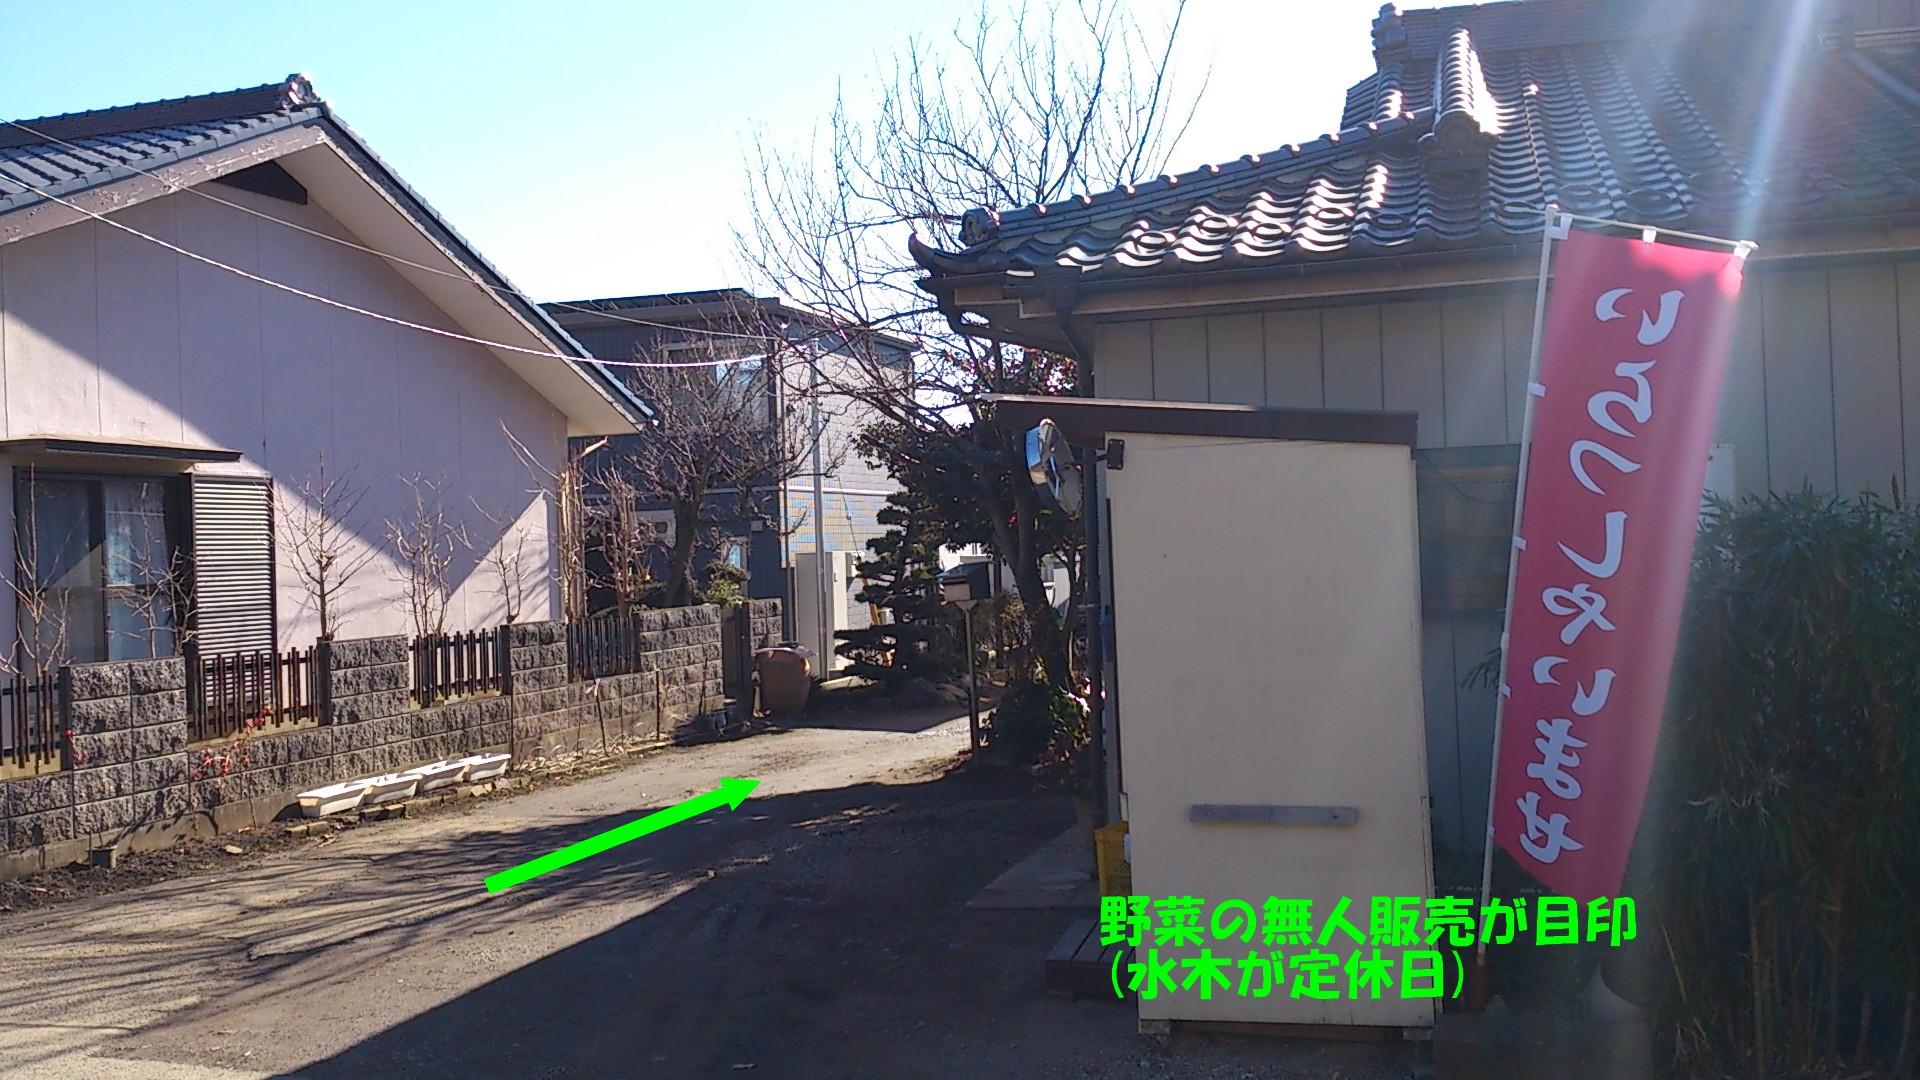 20131229133655e7d.jpg